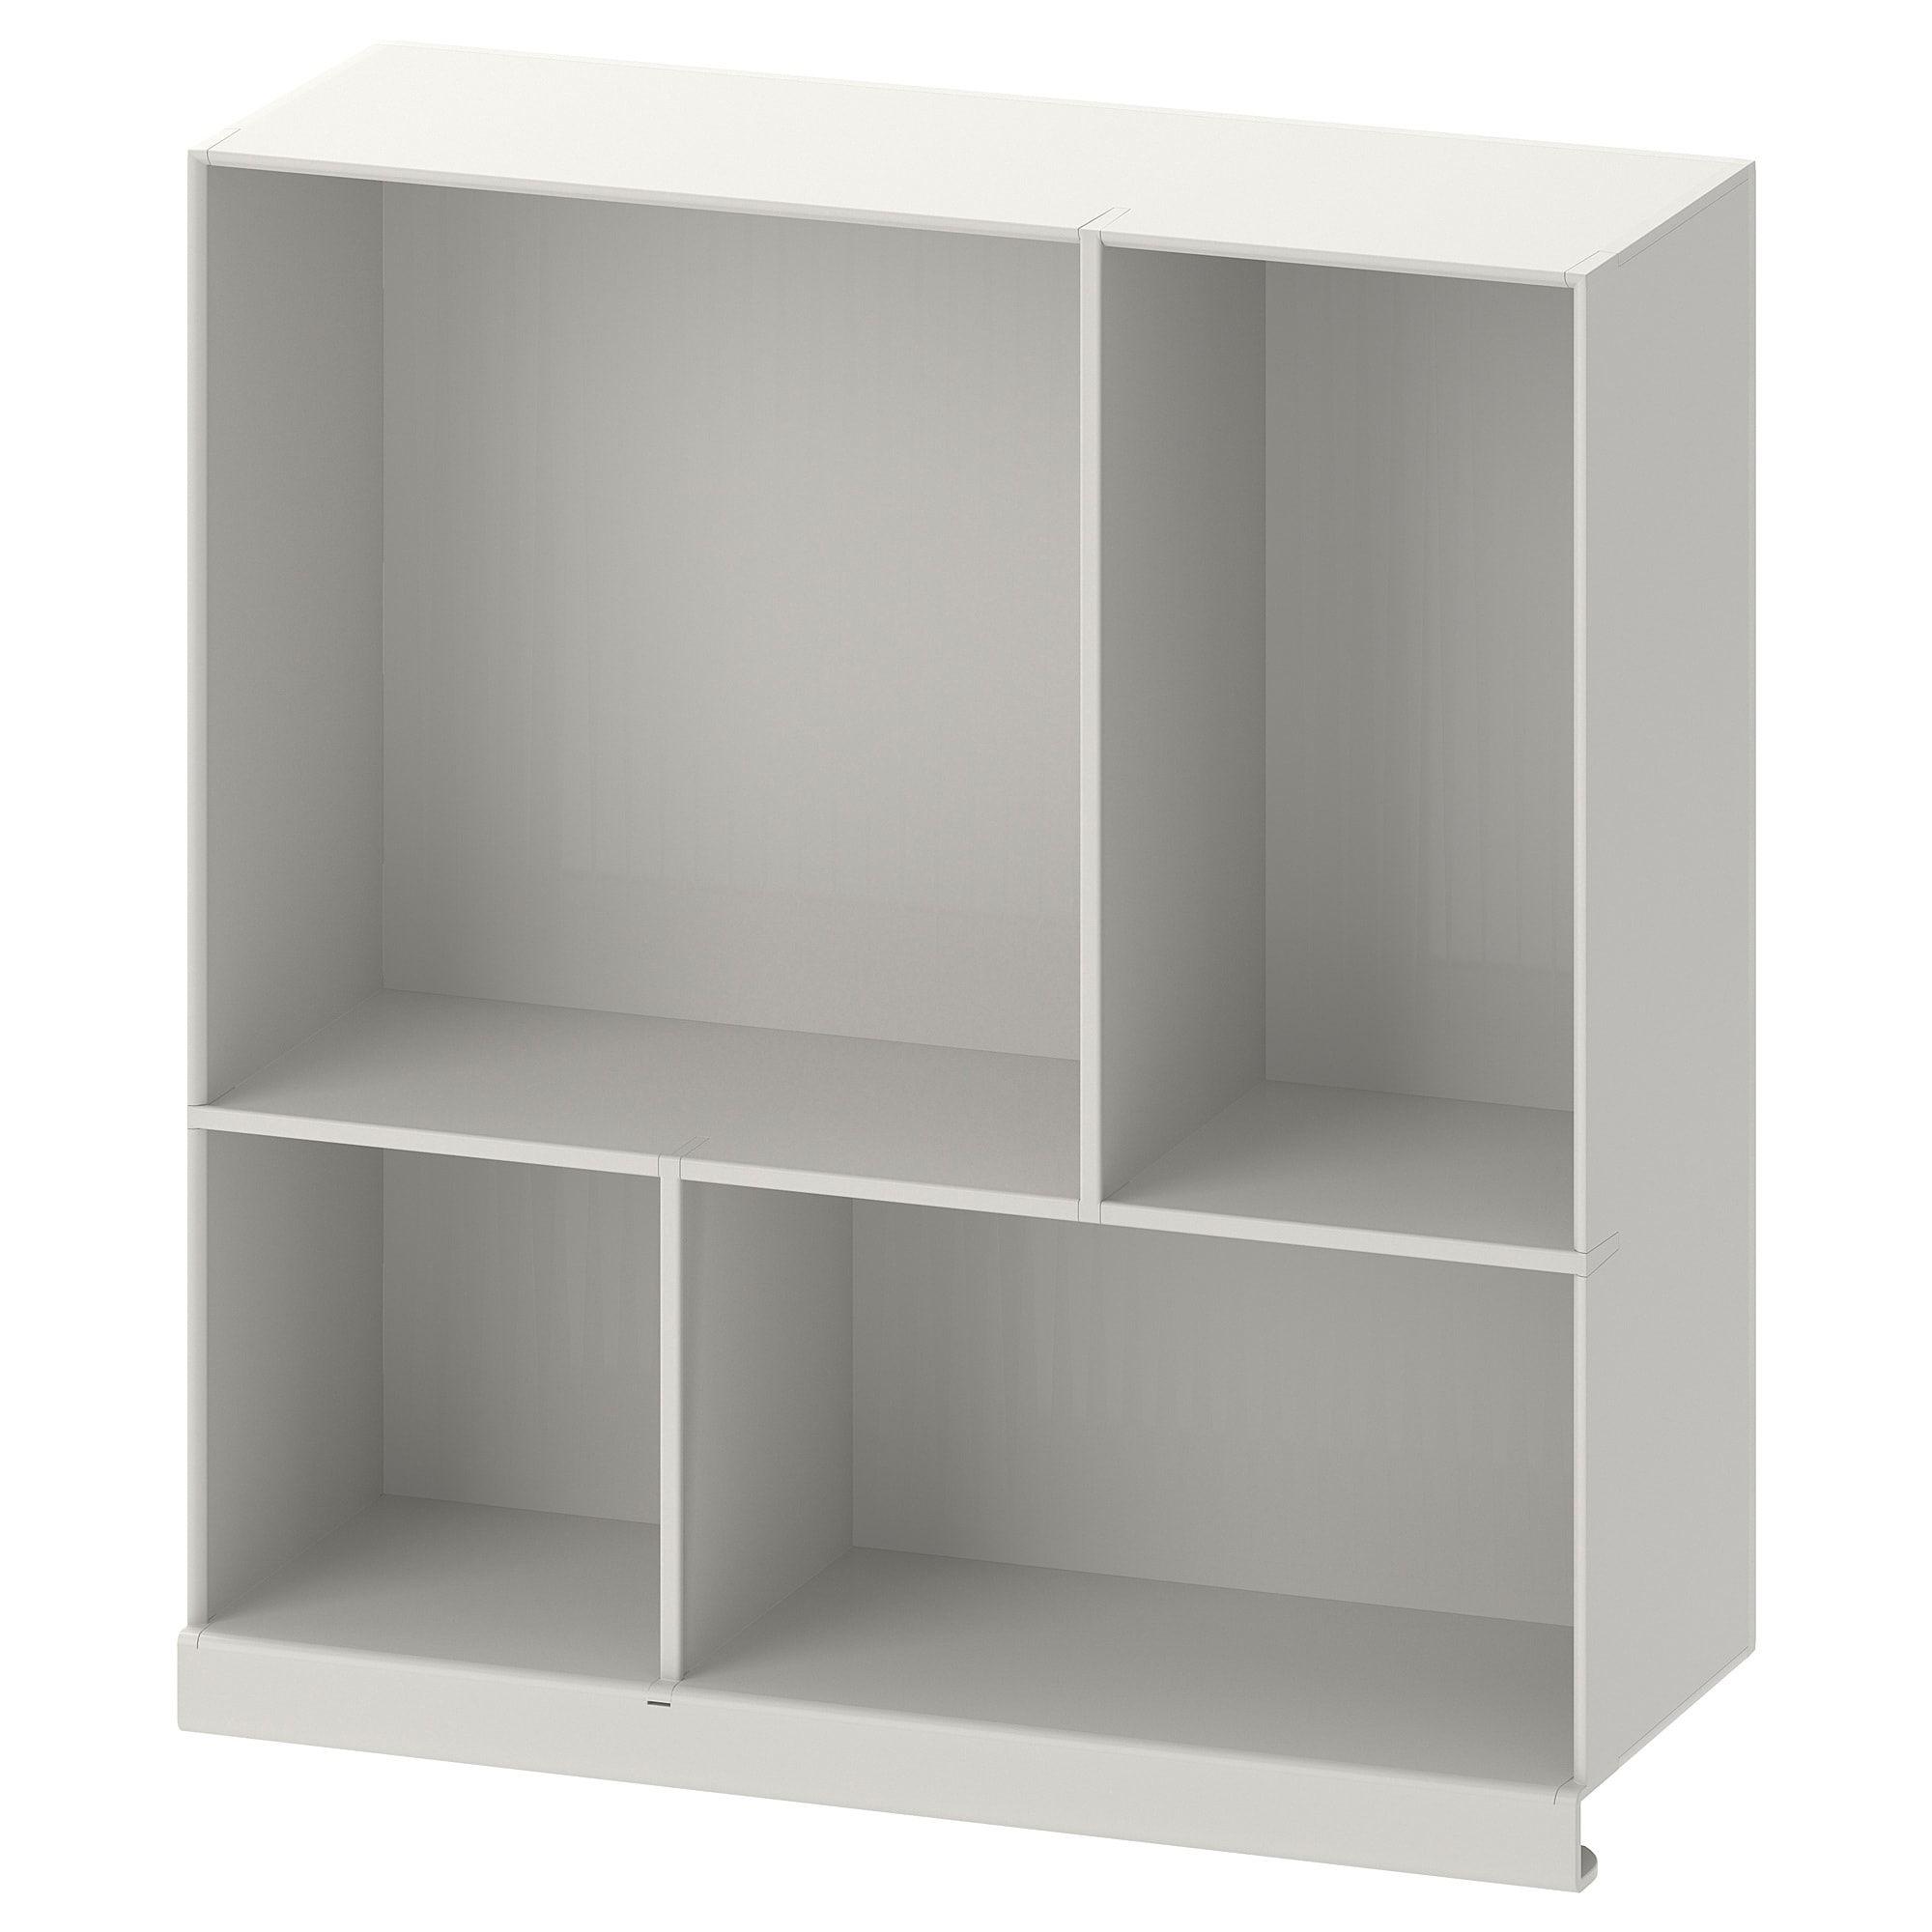 Kallax Shelf Insert Light Gray Ikea Ikea Kallax Shelf Kallax Ikea Kallax Shelf Unit